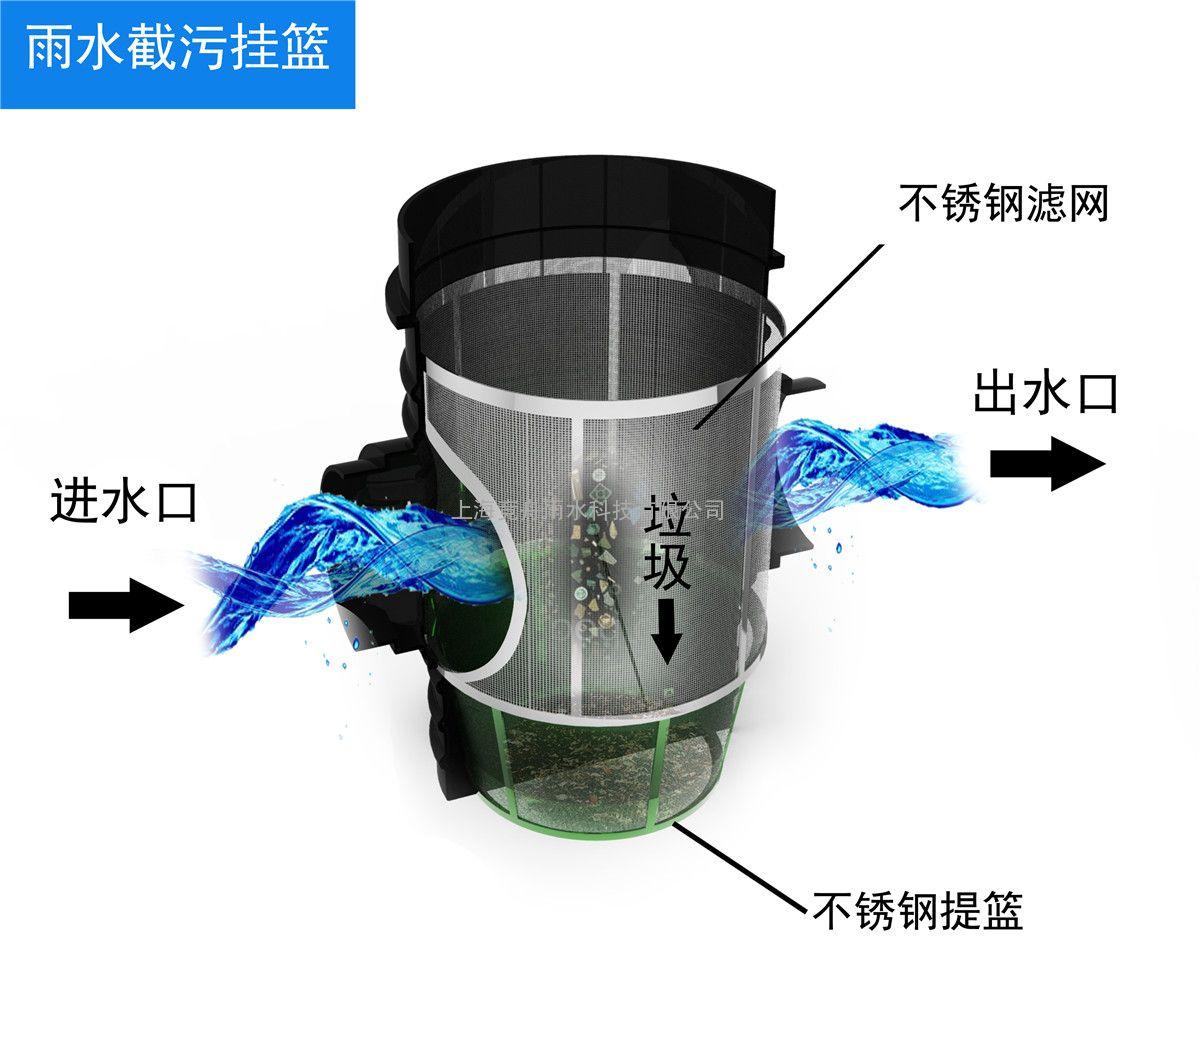 雨水收集截污挂篮